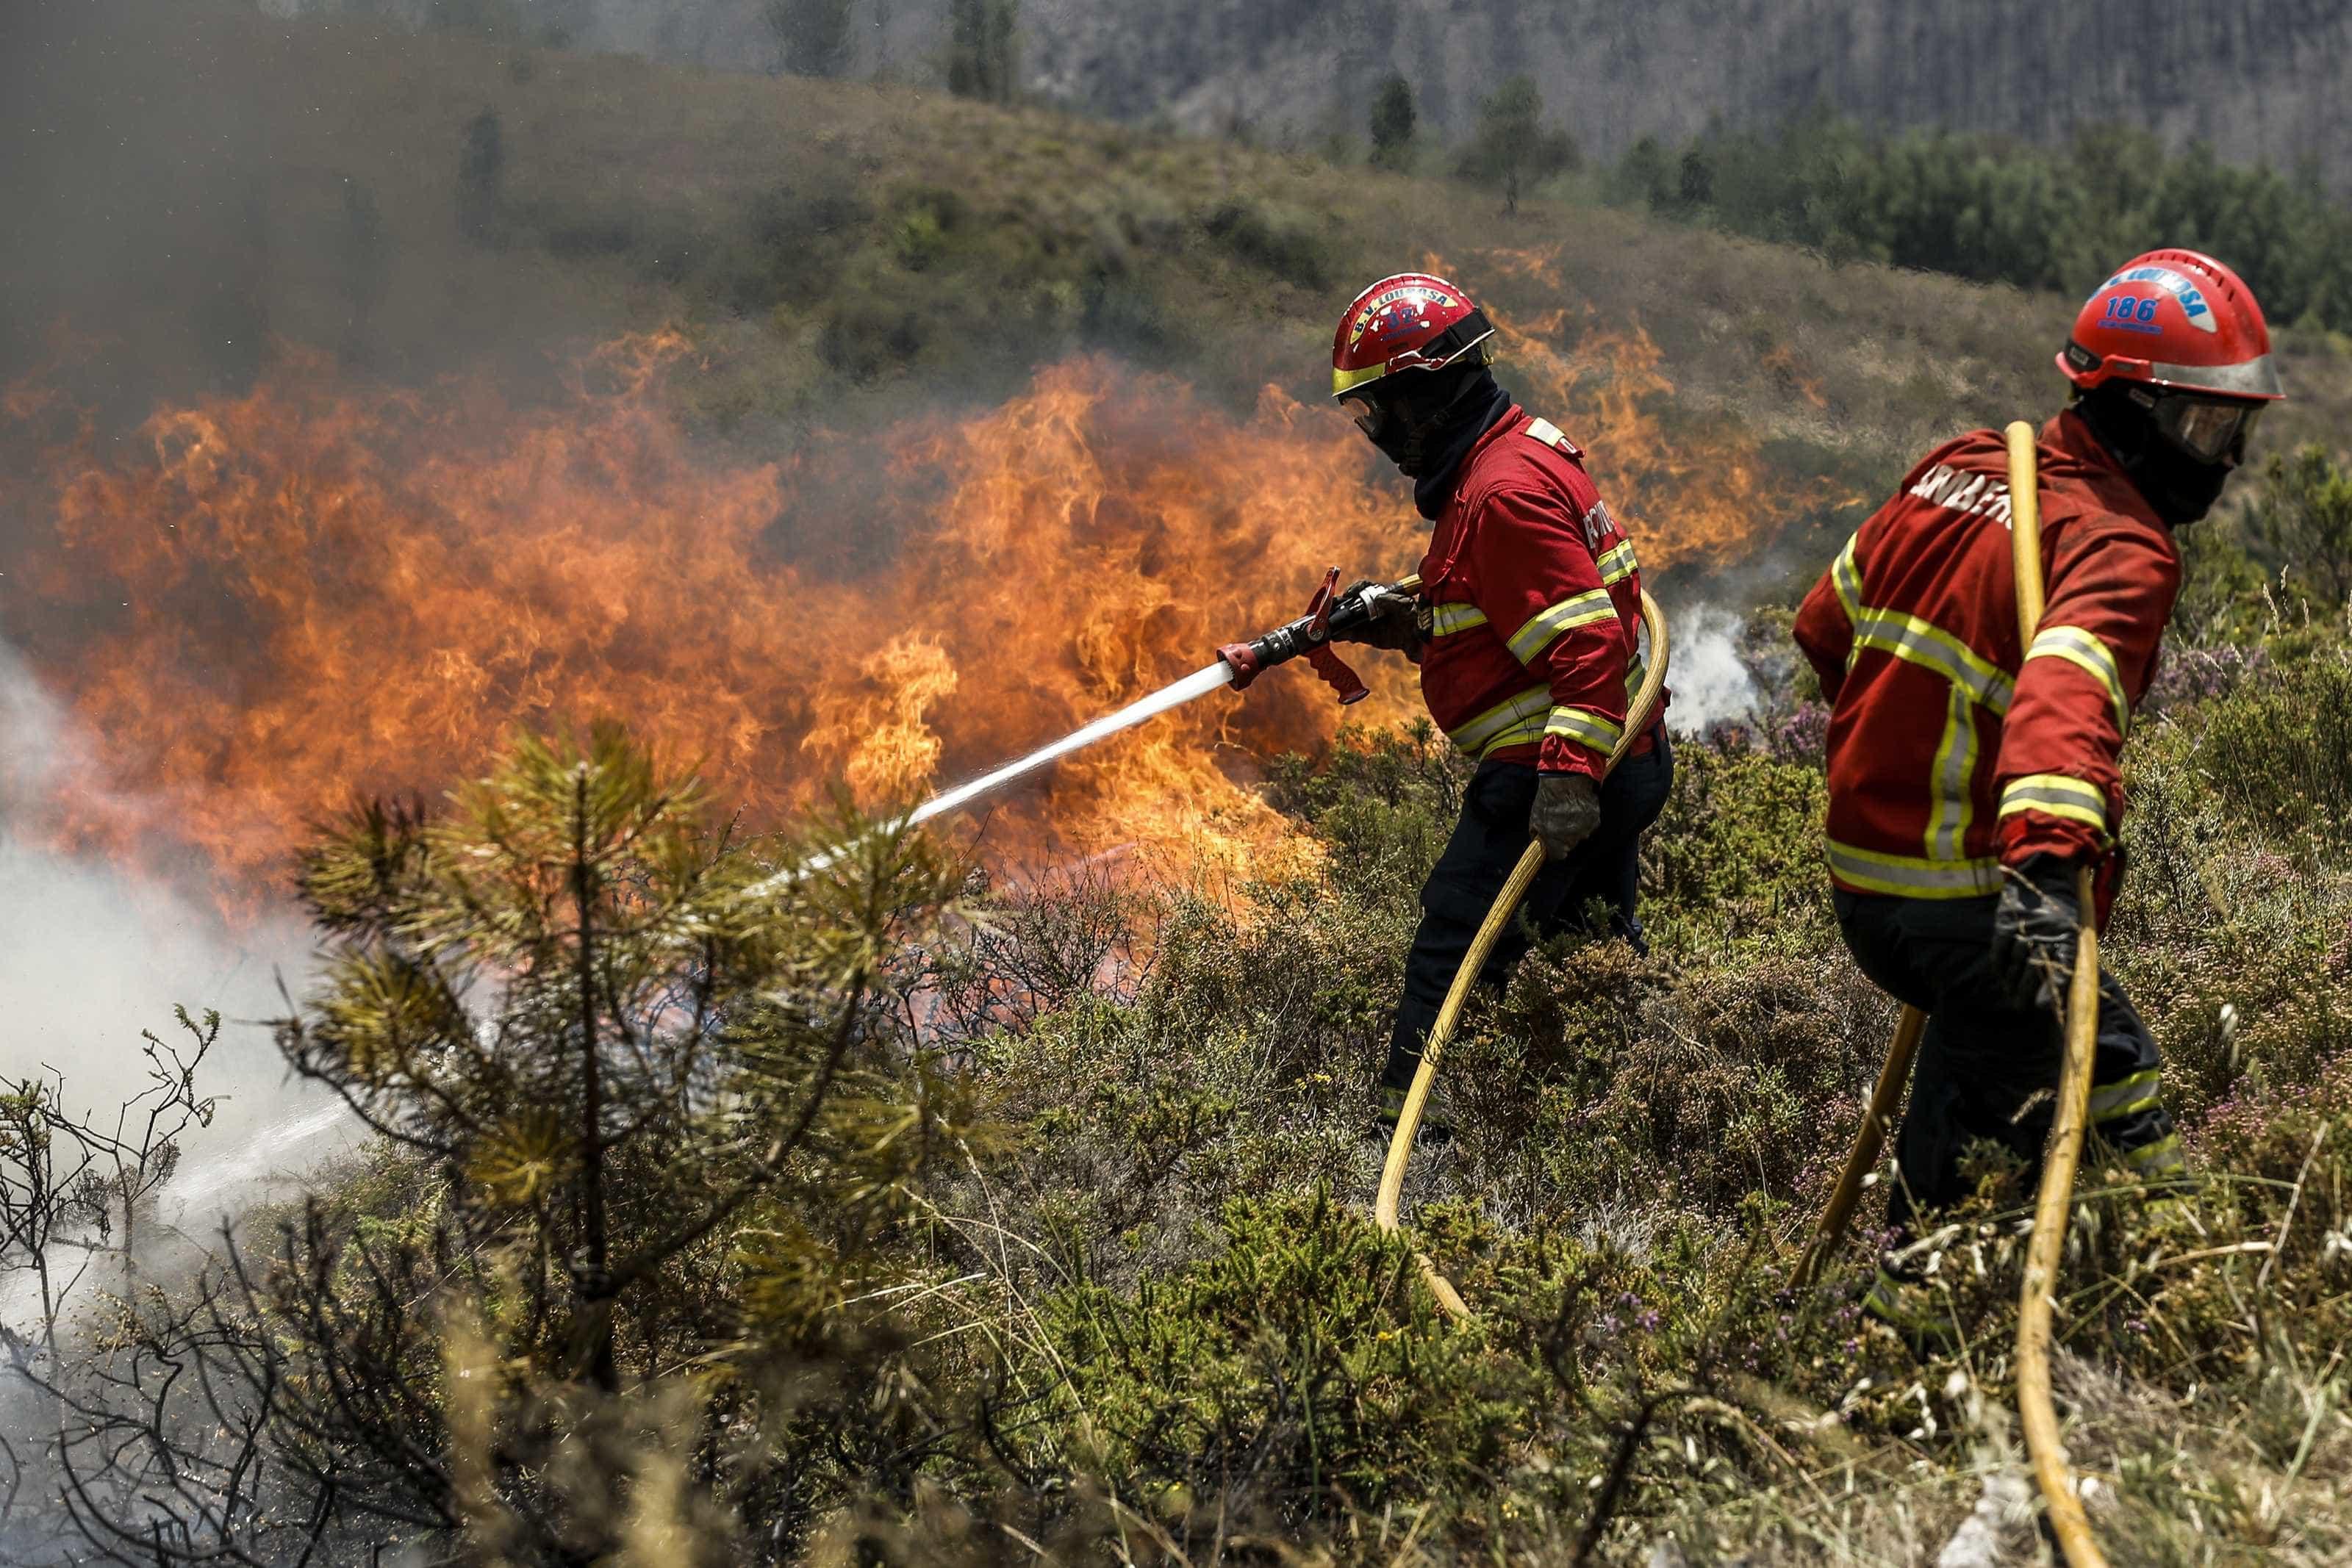 Queima de sobrantes resulta em incêndio. Suspeito foi detido pela GNR